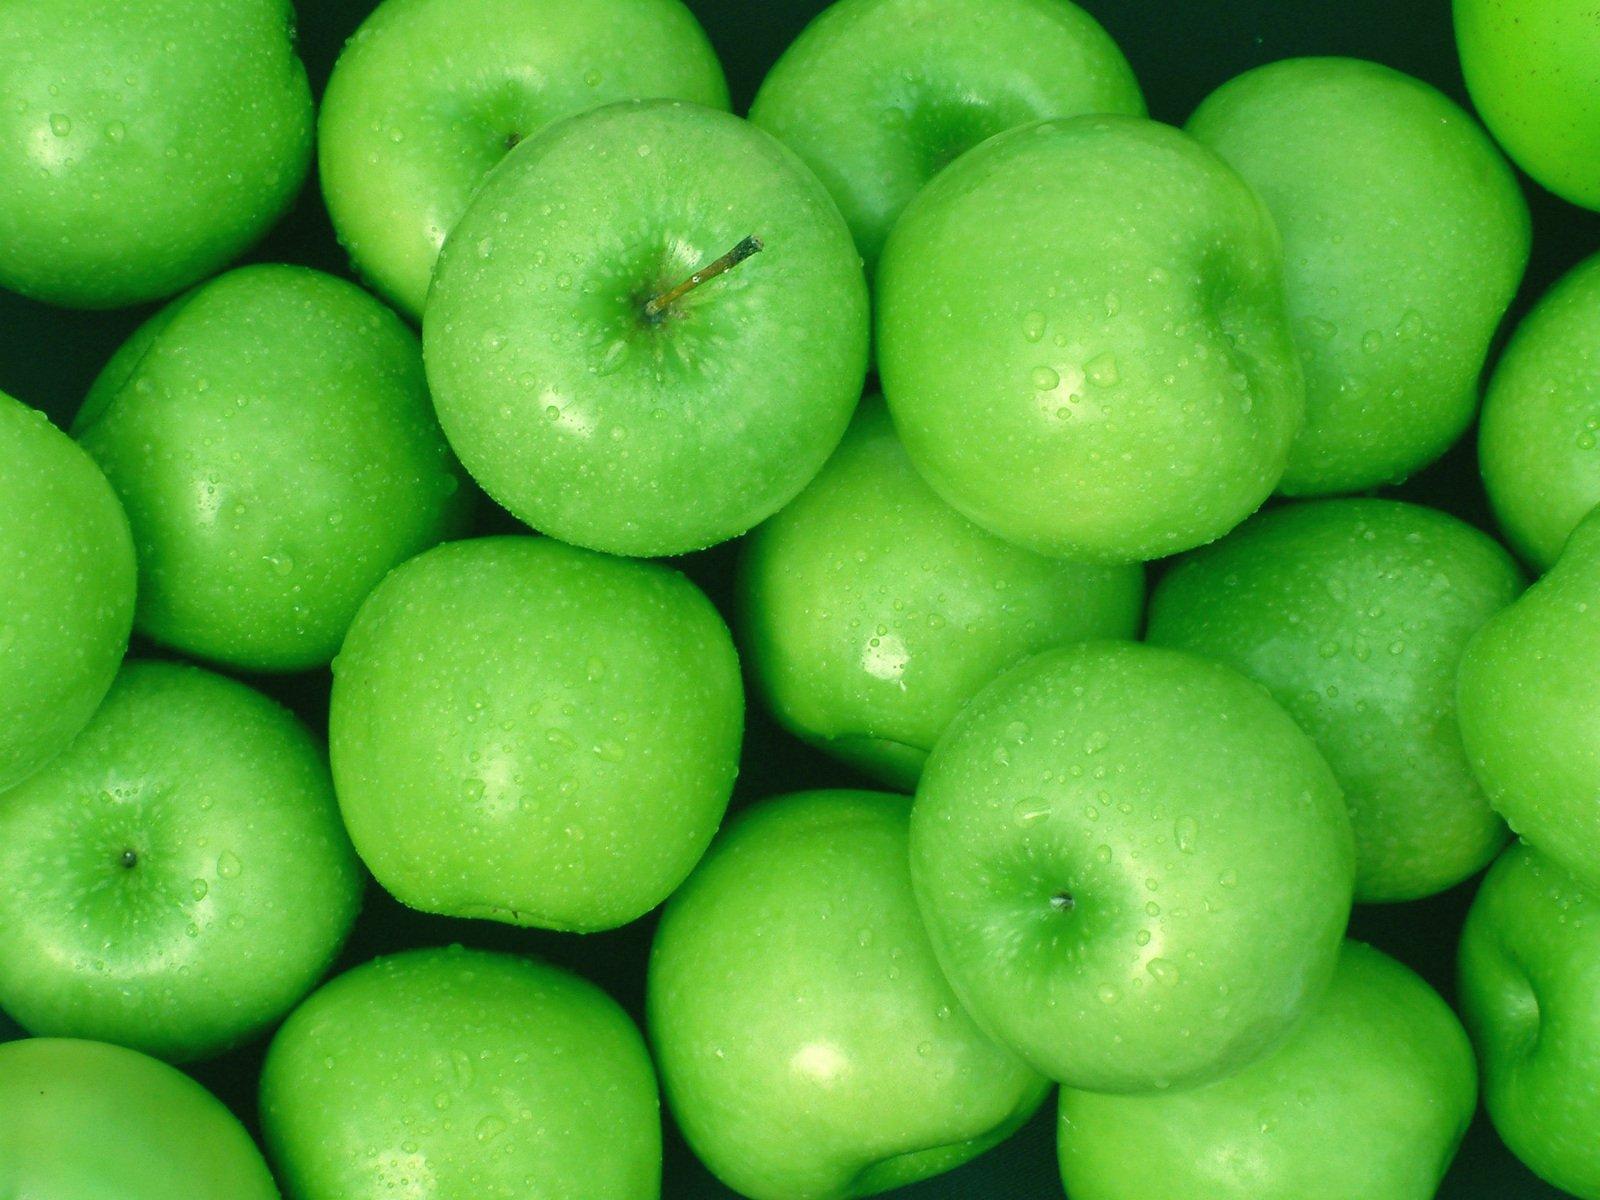 цвет зеленого яблока фото когда-нибудь задумывались над